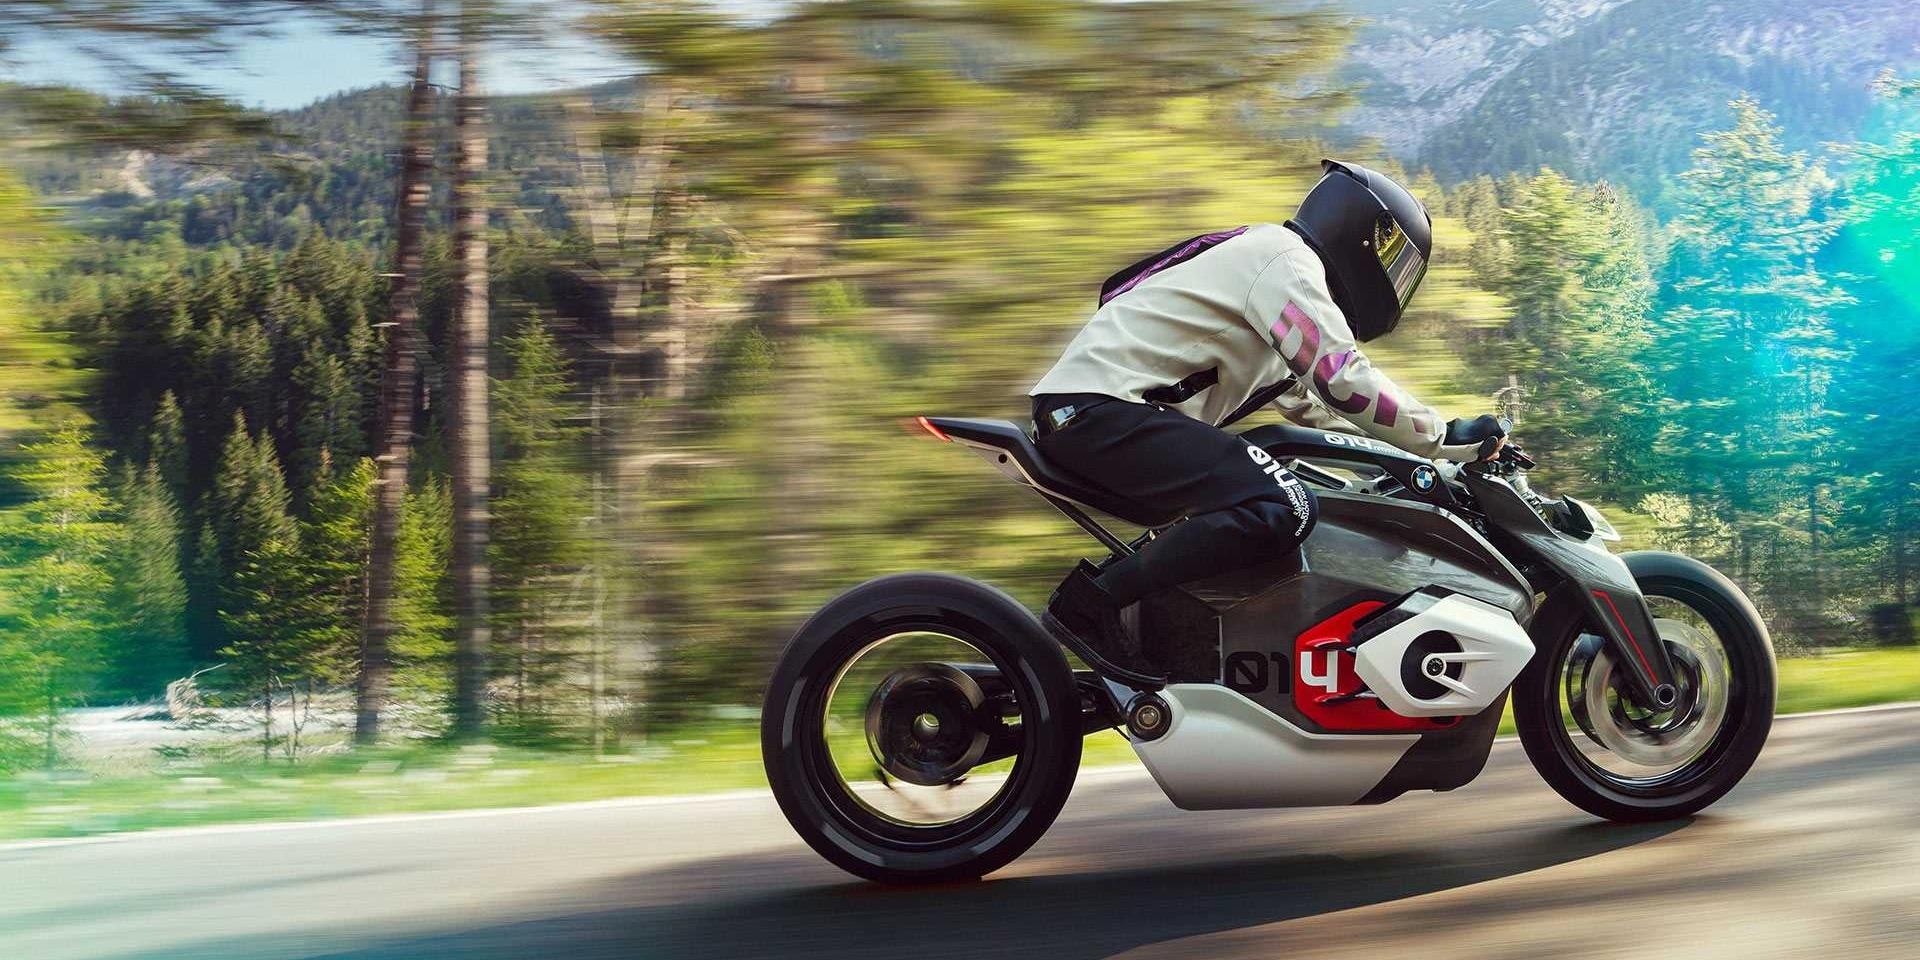 BMW兩輪電動跑車,Vision DC Roadster概念亮相!